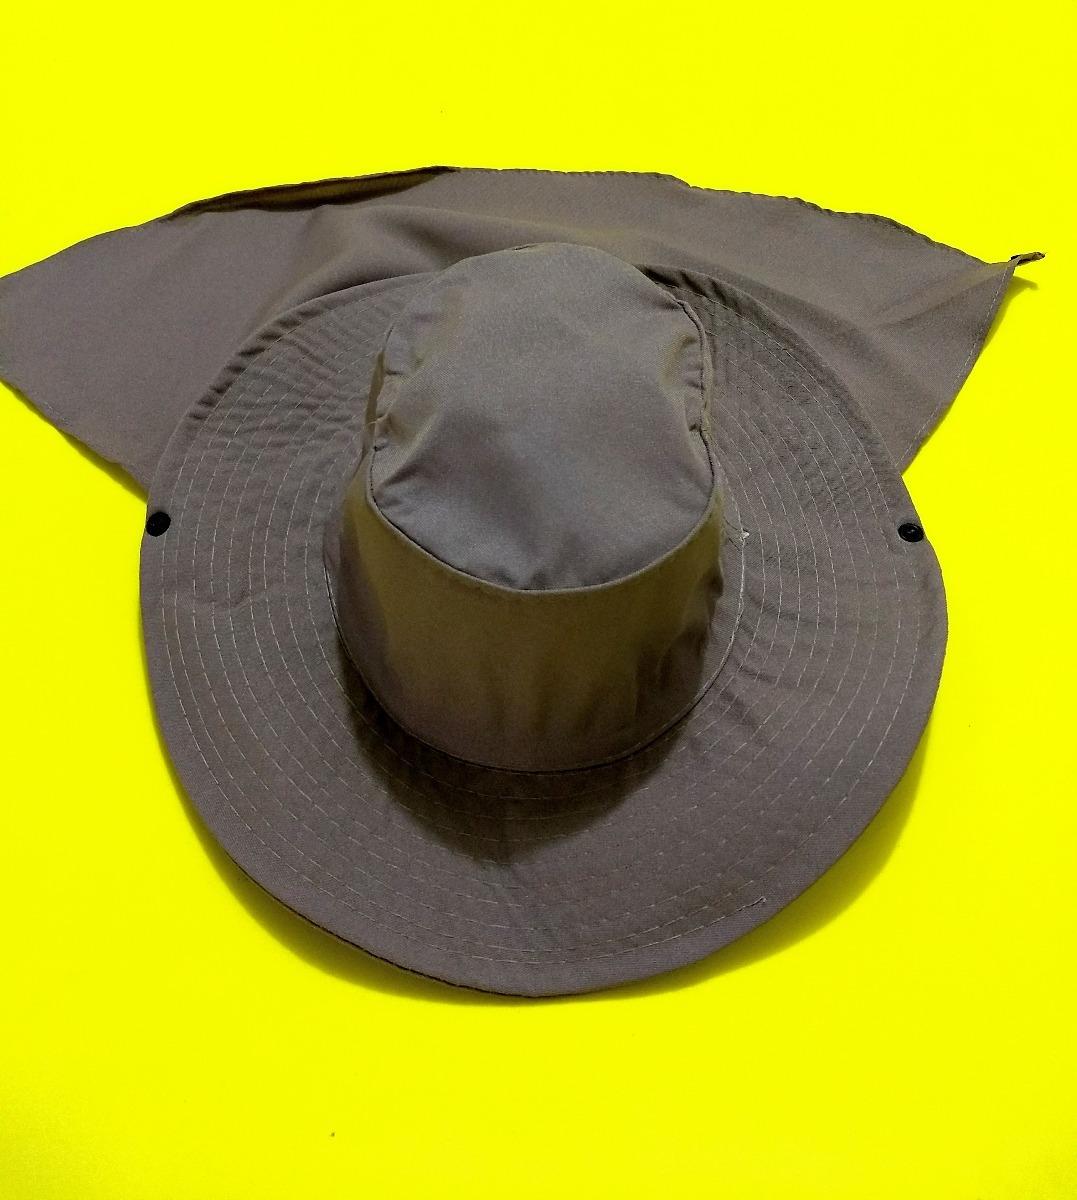 2e6f87437f32f chapéu liso pescador com protetor nuca australiano. Carregando zoom.